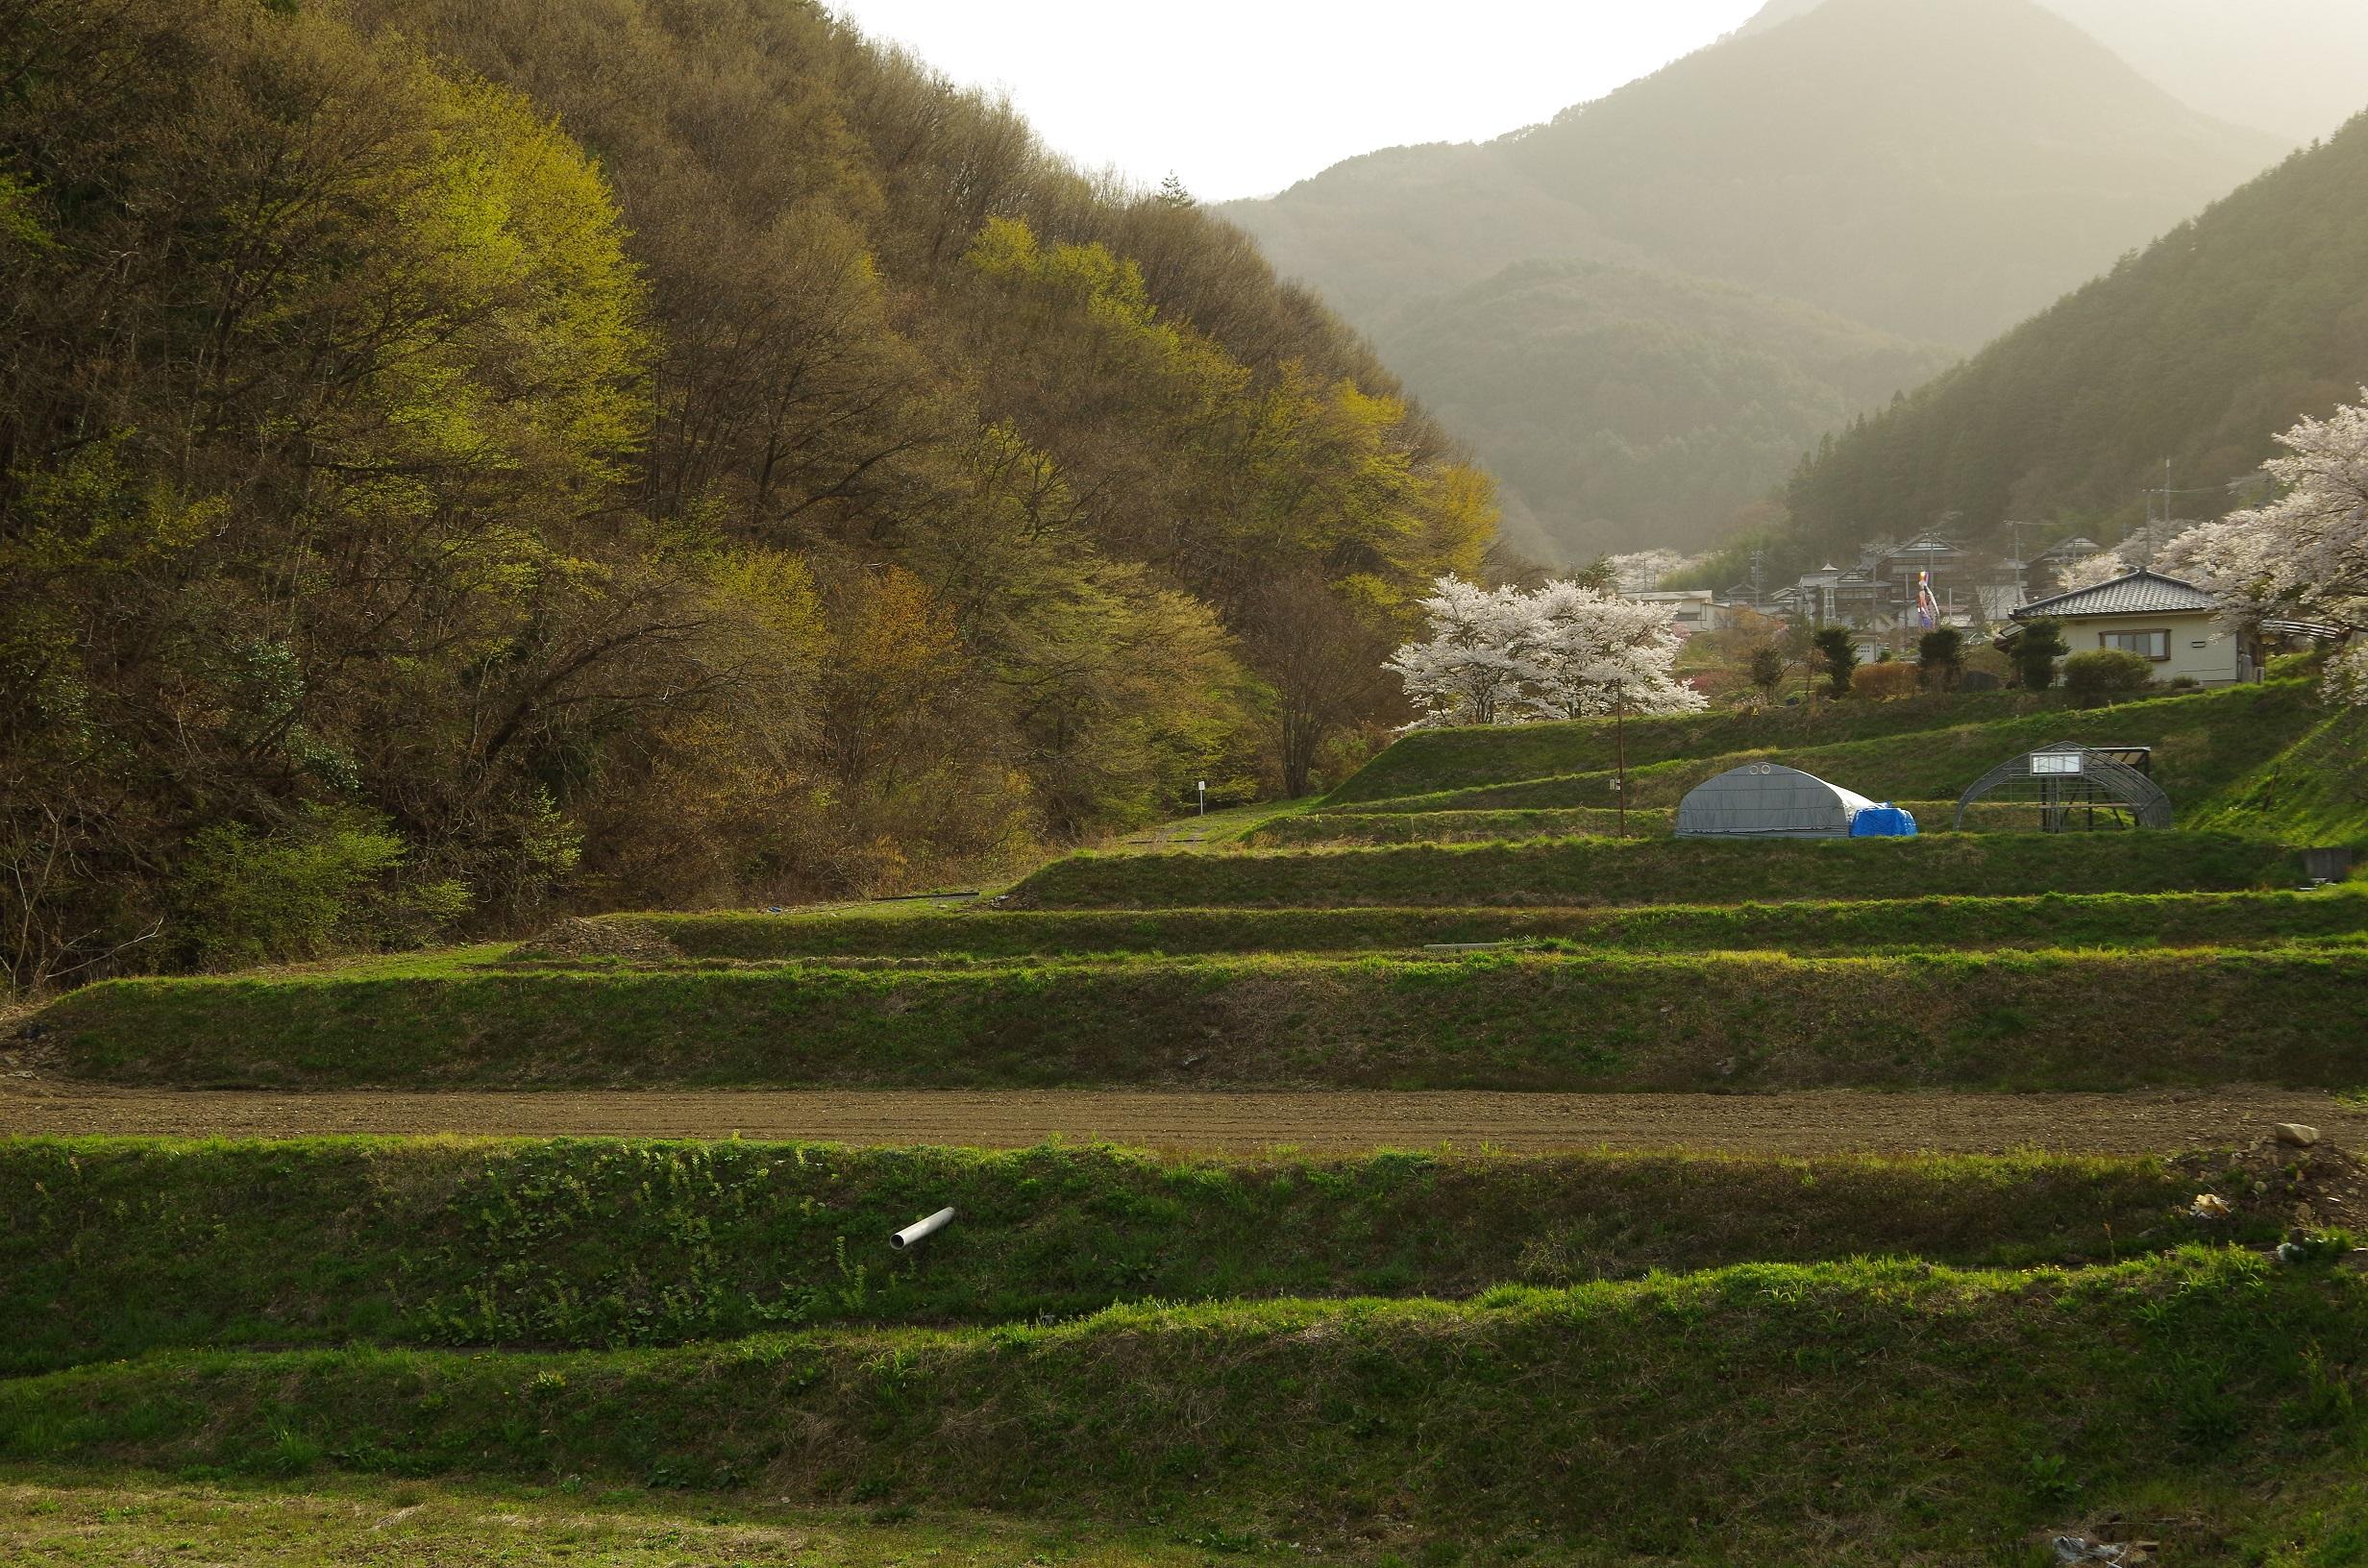 温泉街のふもとに広がる段々畑